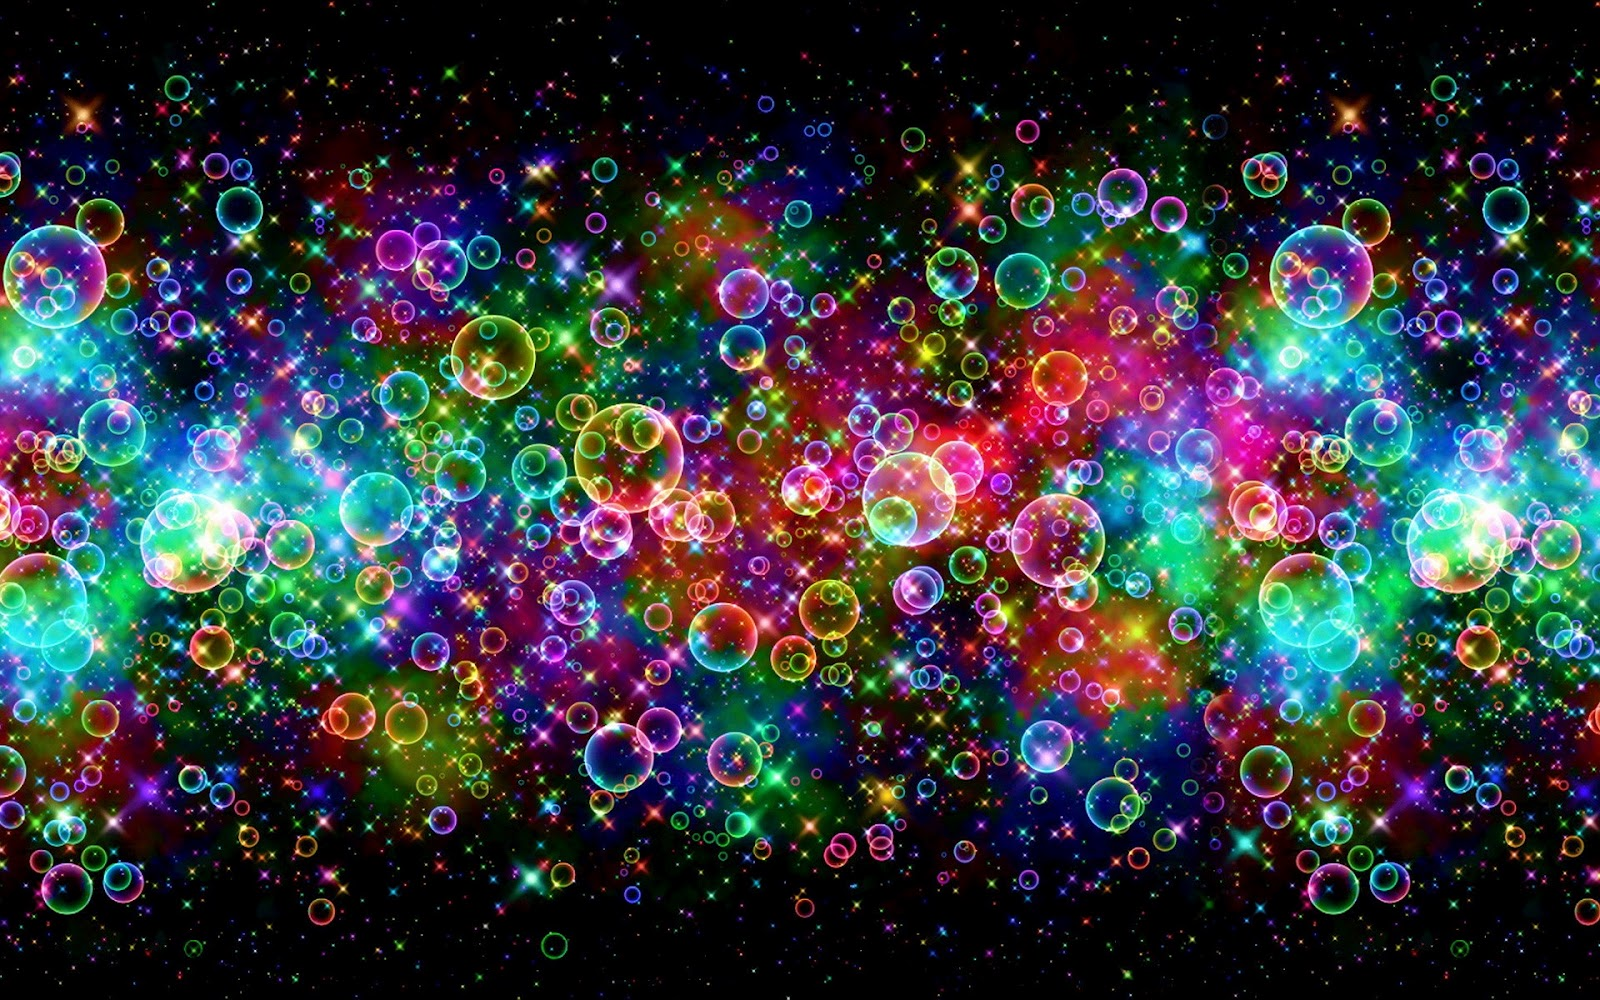 http://1.bp.blogspot.com/-v2tzPvO4emg/UFXTaGwIbMI/AAAAAAAAmdg/OwU4cOvnm2Q/s1600/Burbujas-de-colores_Imagenes-de-Fondos-HD.jpg